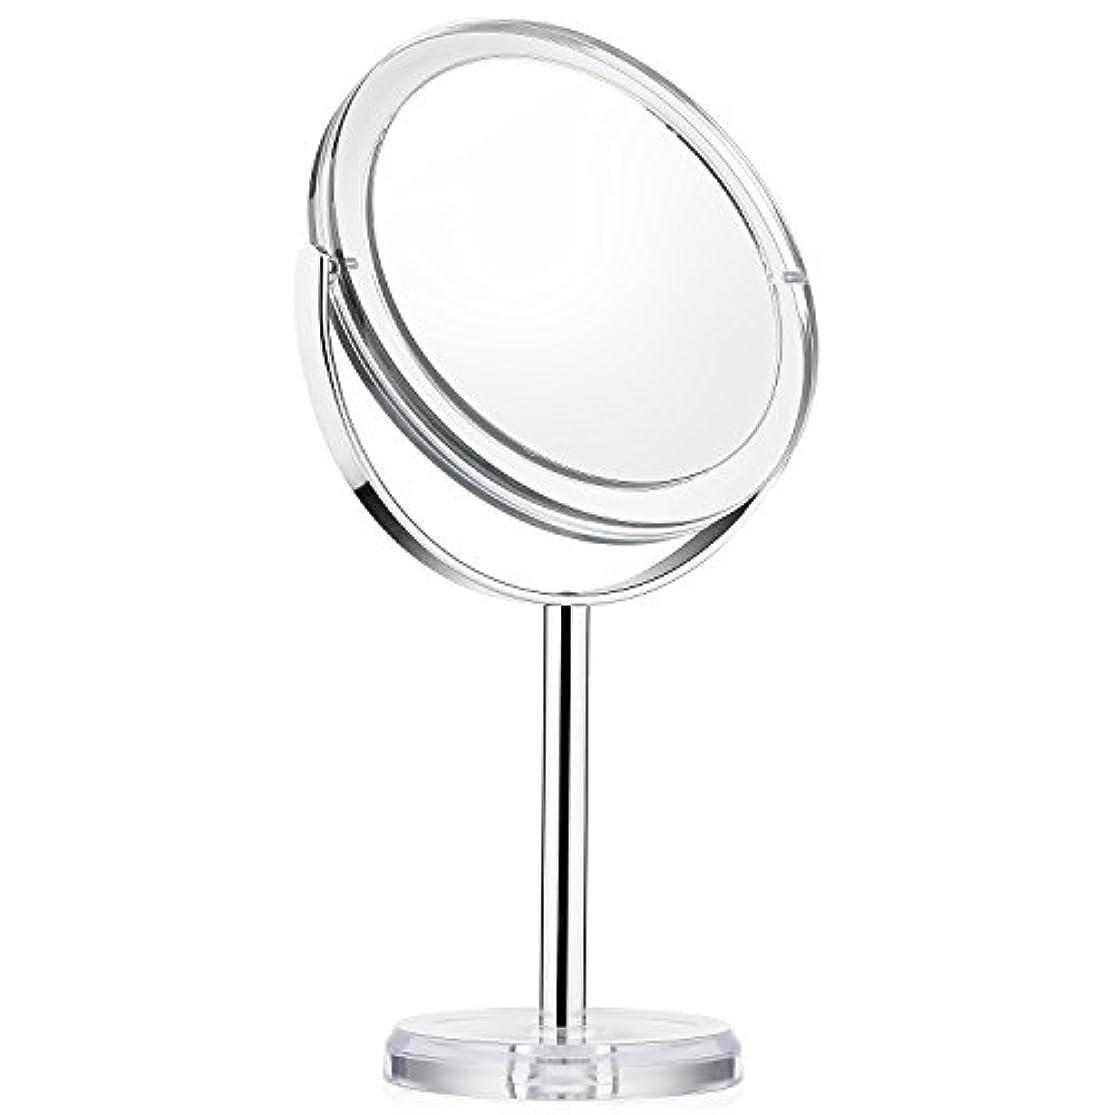 計算時折韓国語化粧ミラー Beautifive 鏡 卓上 化粧鏡 メイクミラー 卓上ミラー スタンドミラー卓上 等倍卓上両面鏡 卓上鏡 7倍拡大スタンドミラー 360°回転可 光学レズン高解像度